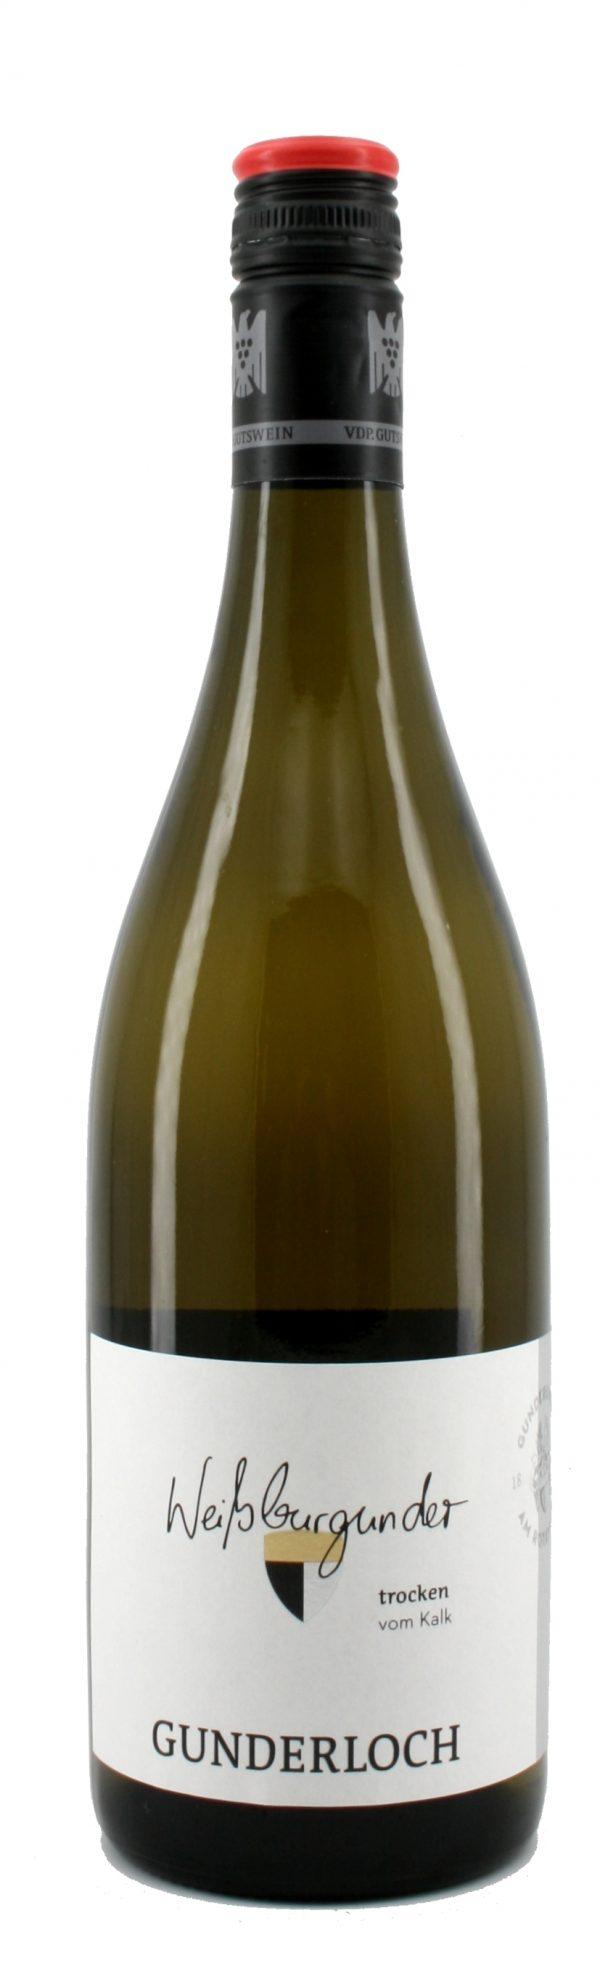 6 Flaschen 2018 vom Kalk Weißburgunder